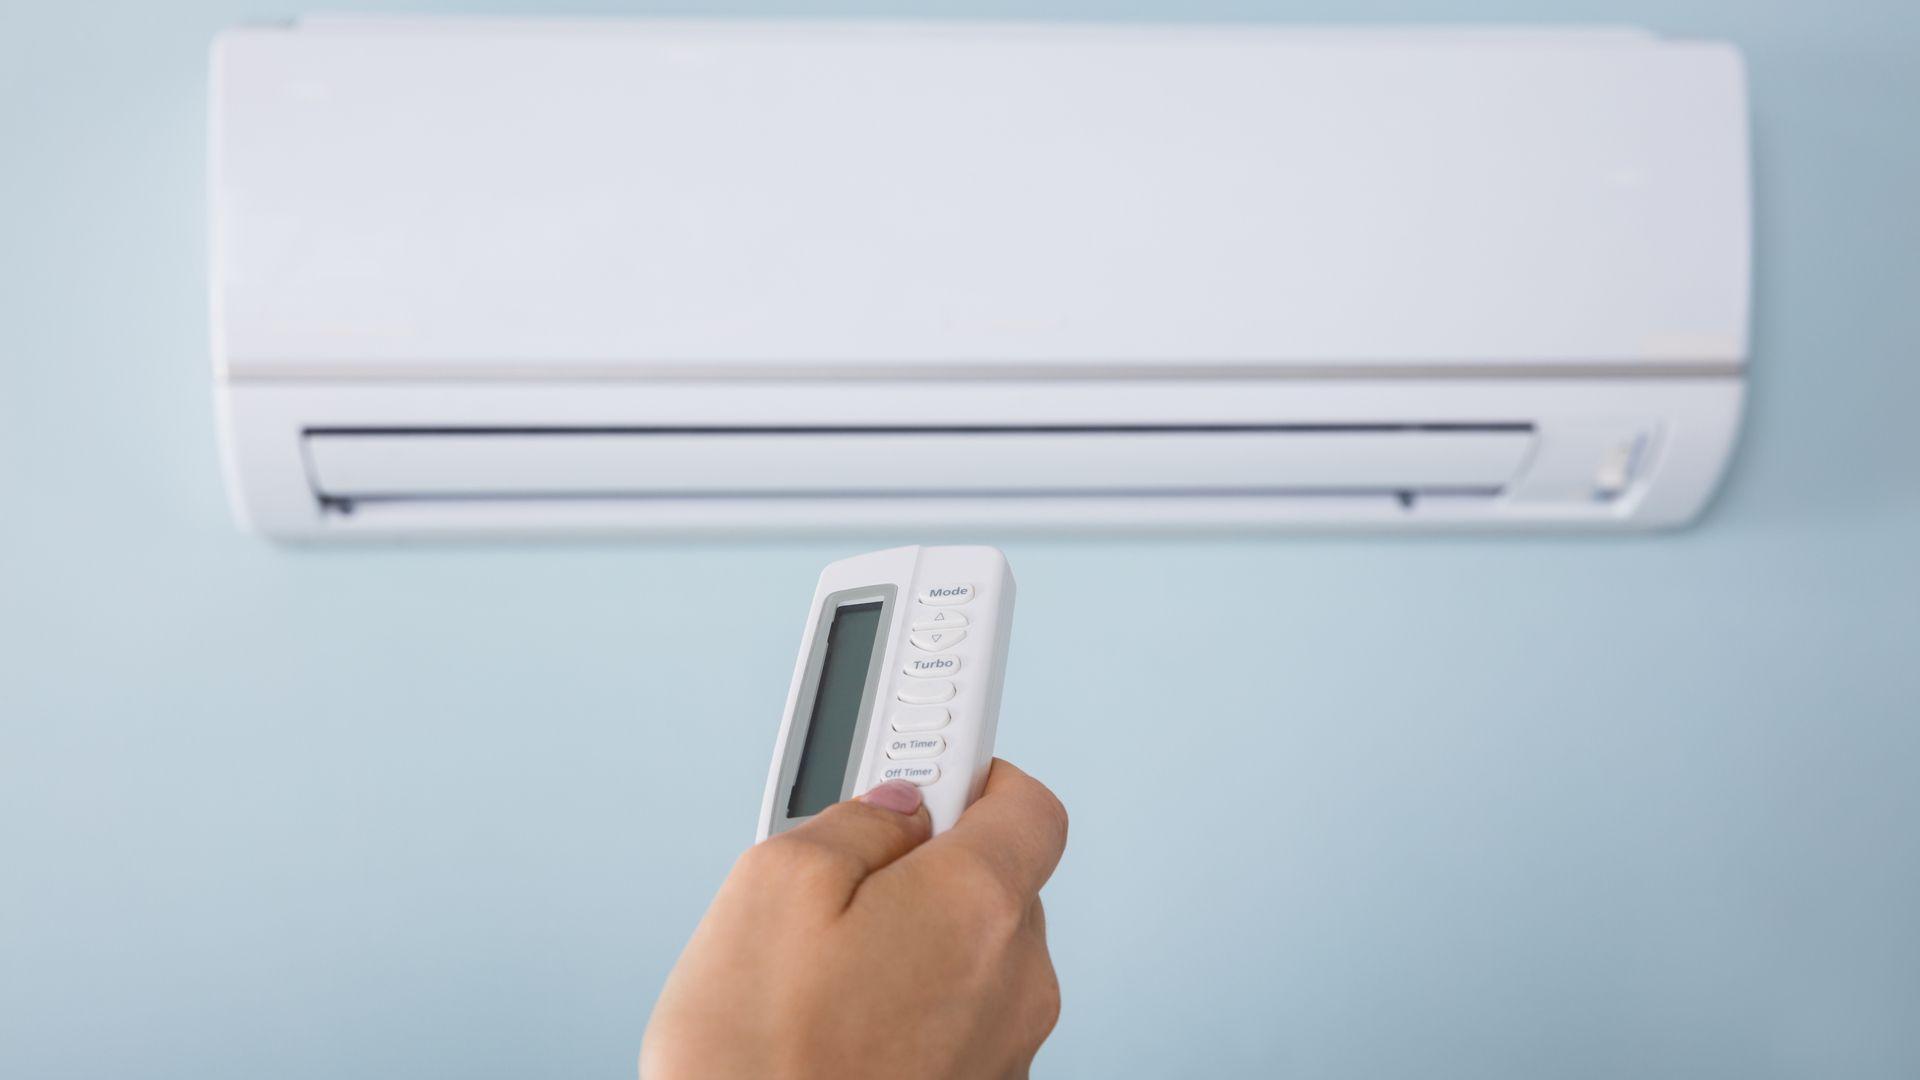 Confira a lista para saber qual o ar-condicionado mais econômico para sua casa! (Imagem: Reprodução/Shutterstock)